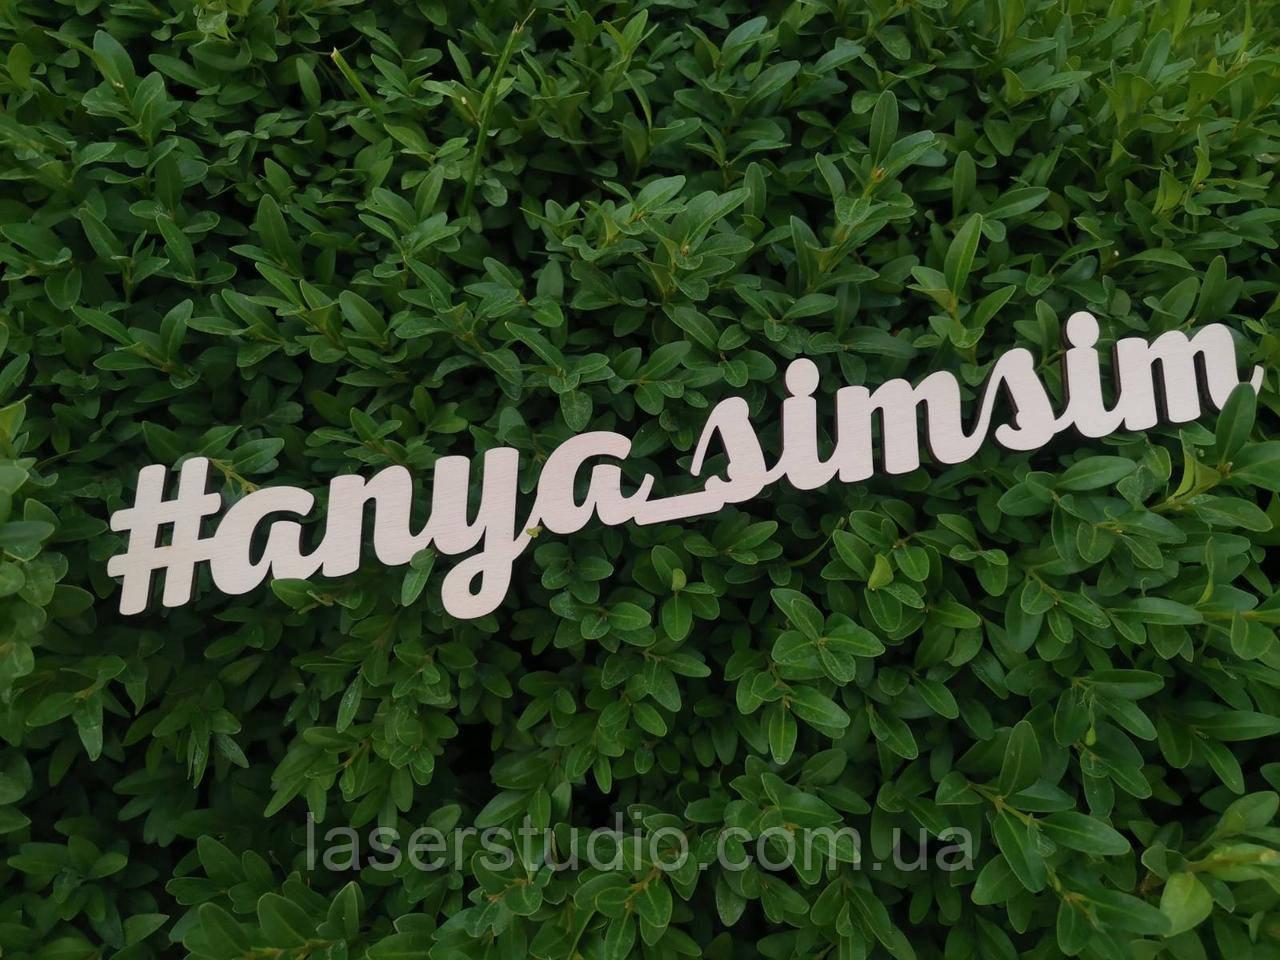 Ім'я з дерева Дерев'яна напис, хештеги, букви, вивіски з дерева. Логотип бренду з фанери